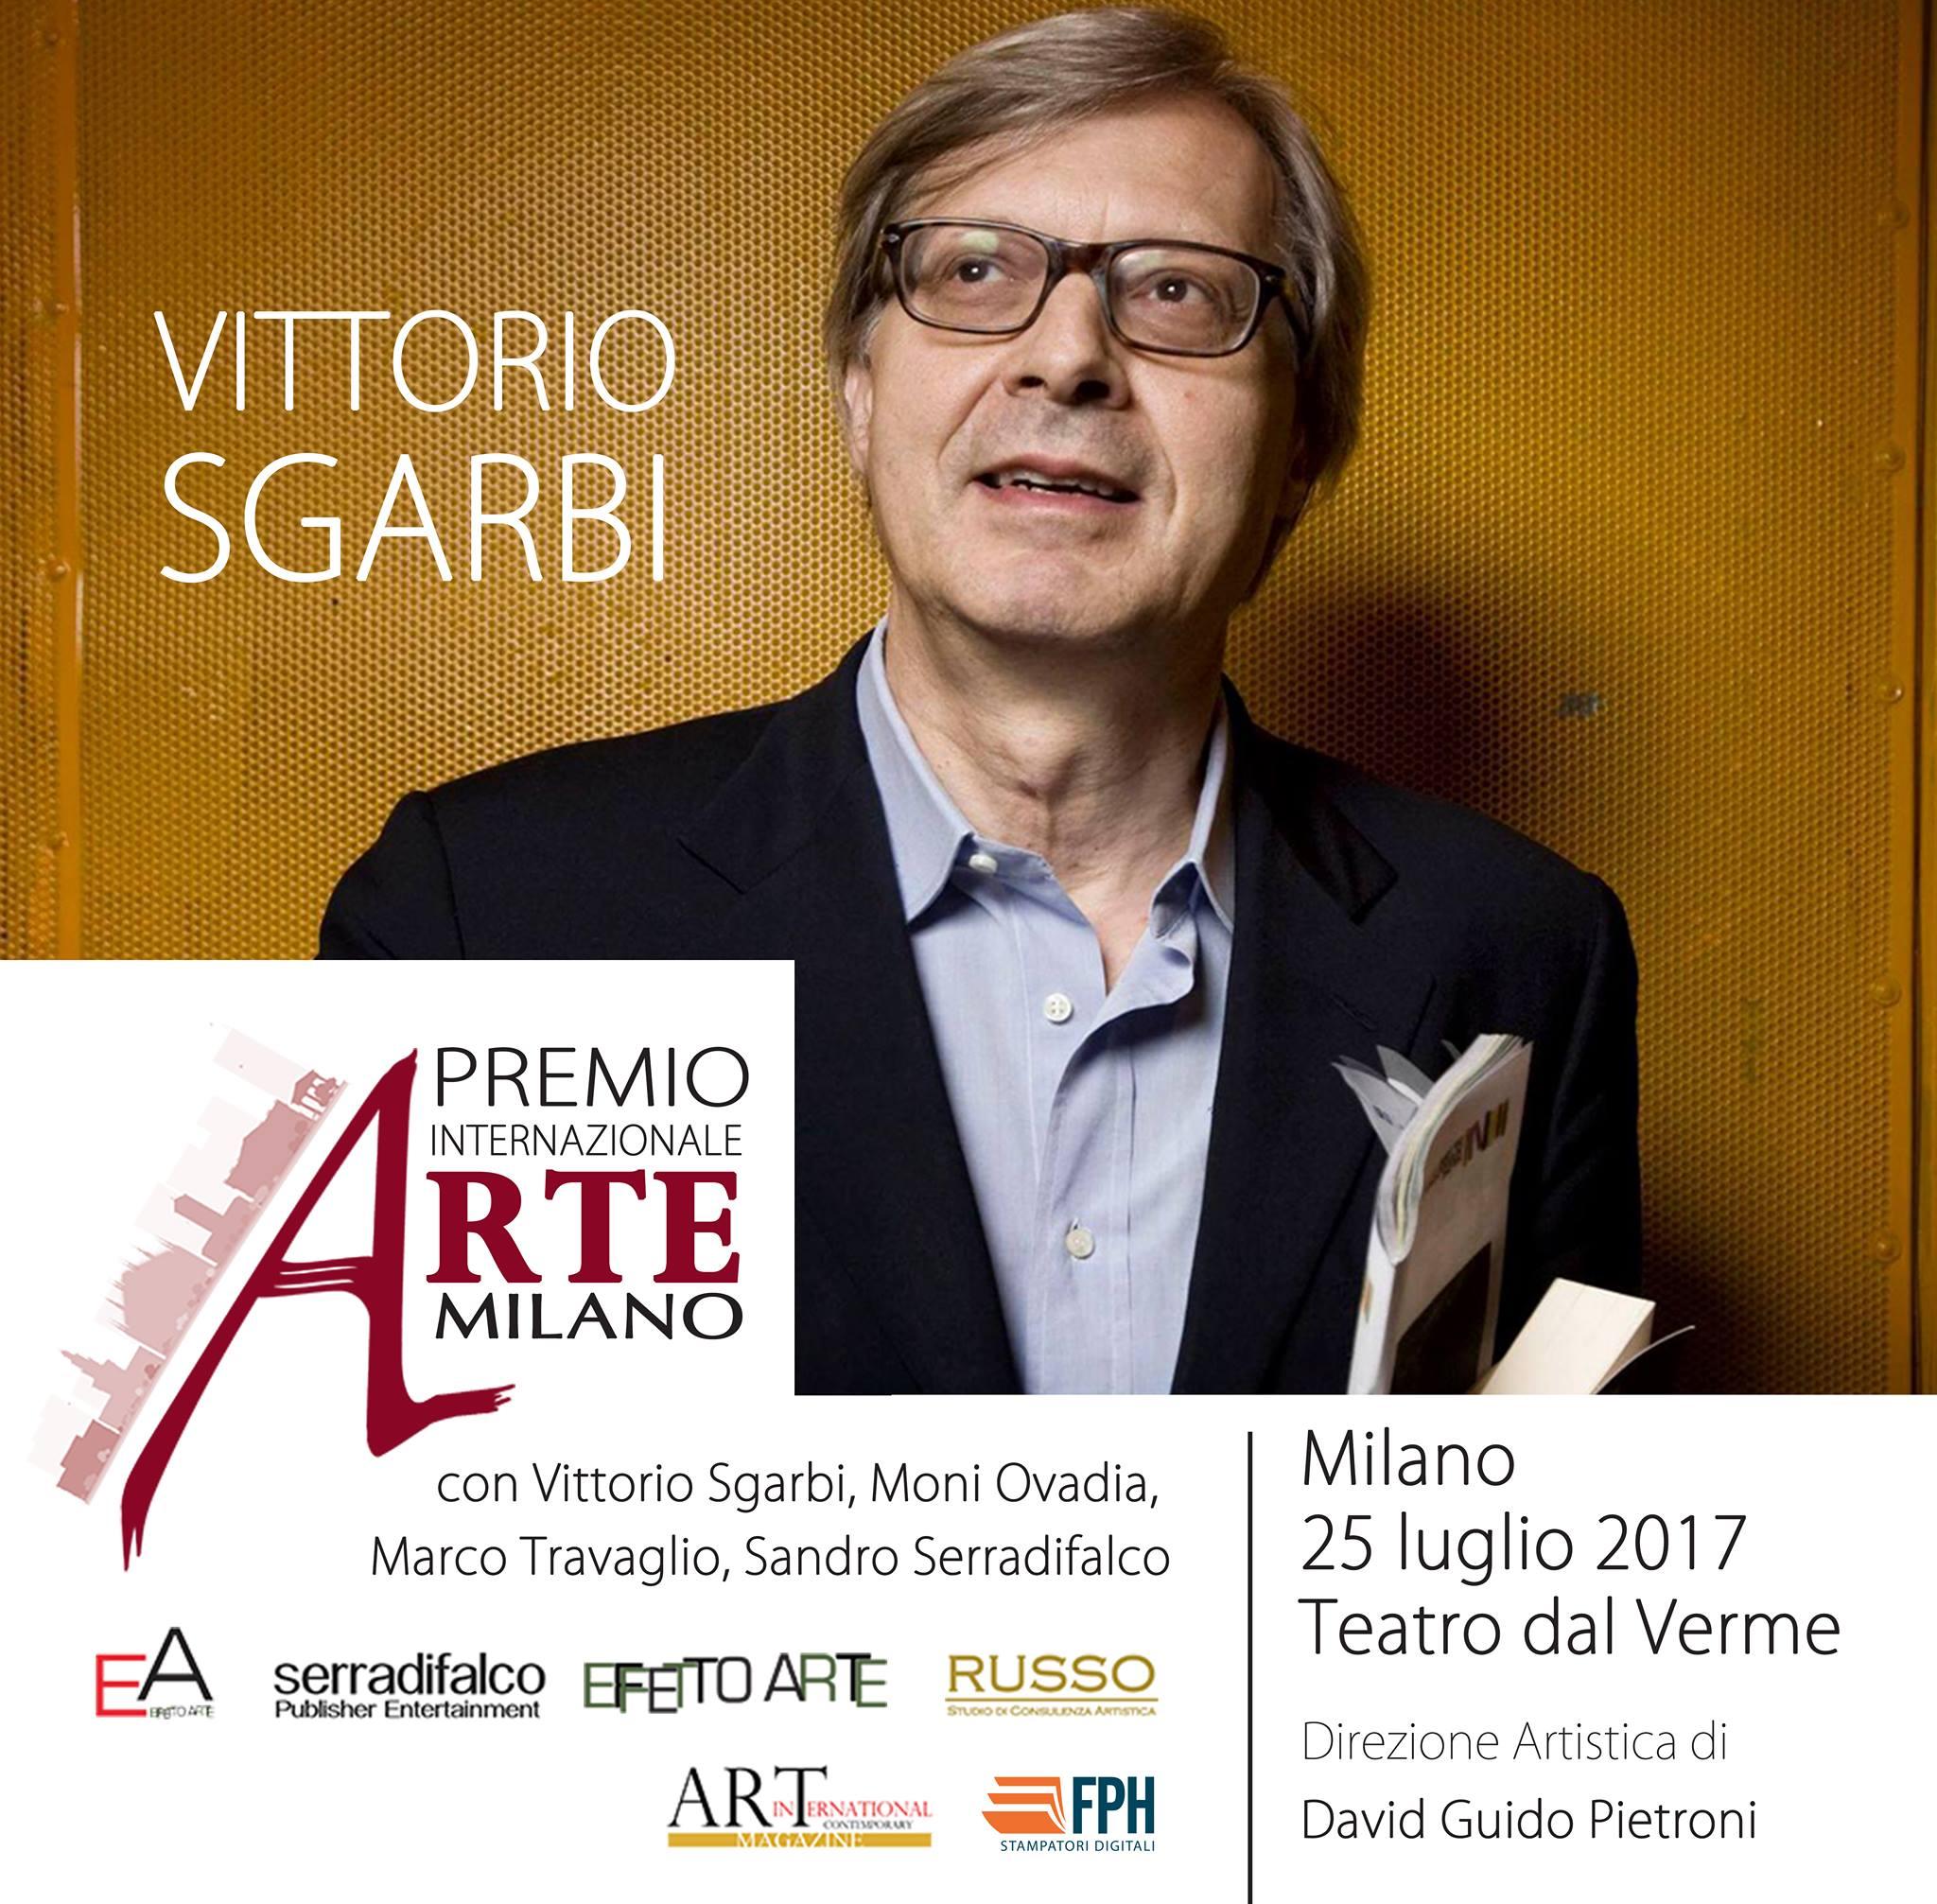 Premio Internazionale Arte Milano 2017